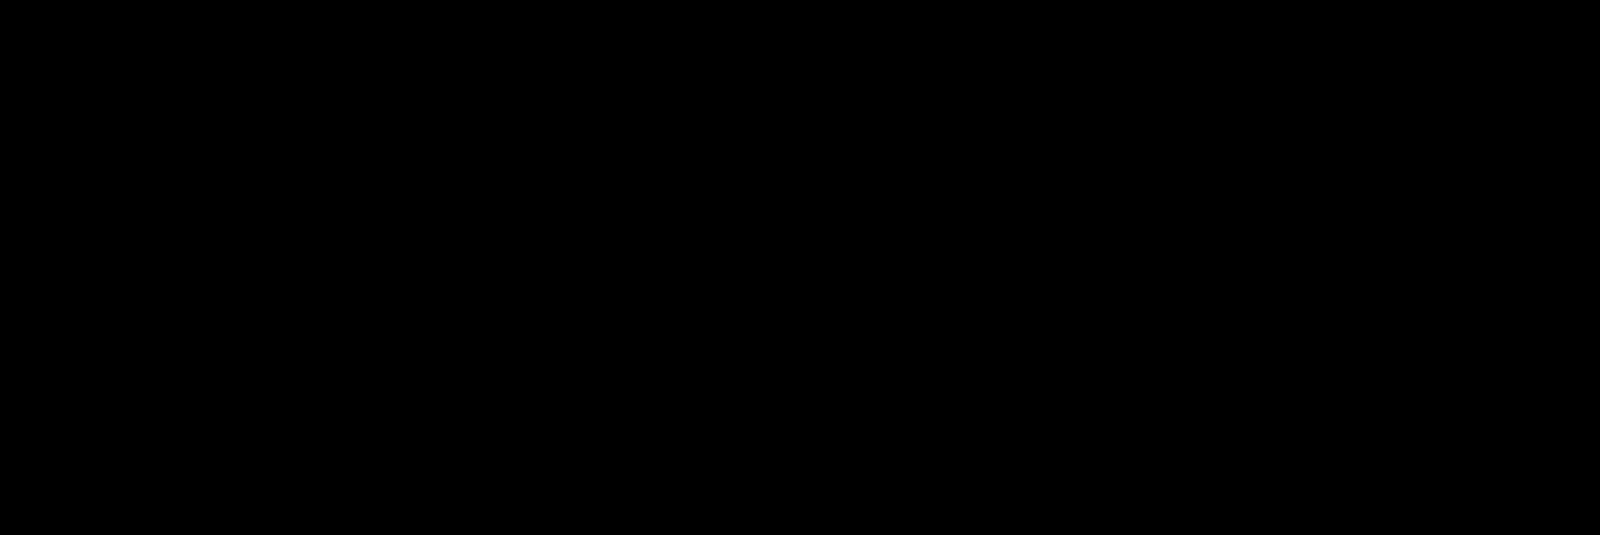 Sesin 26 Circuitos Rlc A Corriente Alterna Teora De Ii Cada Rama Se Puede Calcular Y Circuito Rl Rc Estas Real Del Siguiente Serie Hacer El Diagrama Impedancias Fasorial Poner Los Resultados V Vr Vc E I En Dominio Tiempo